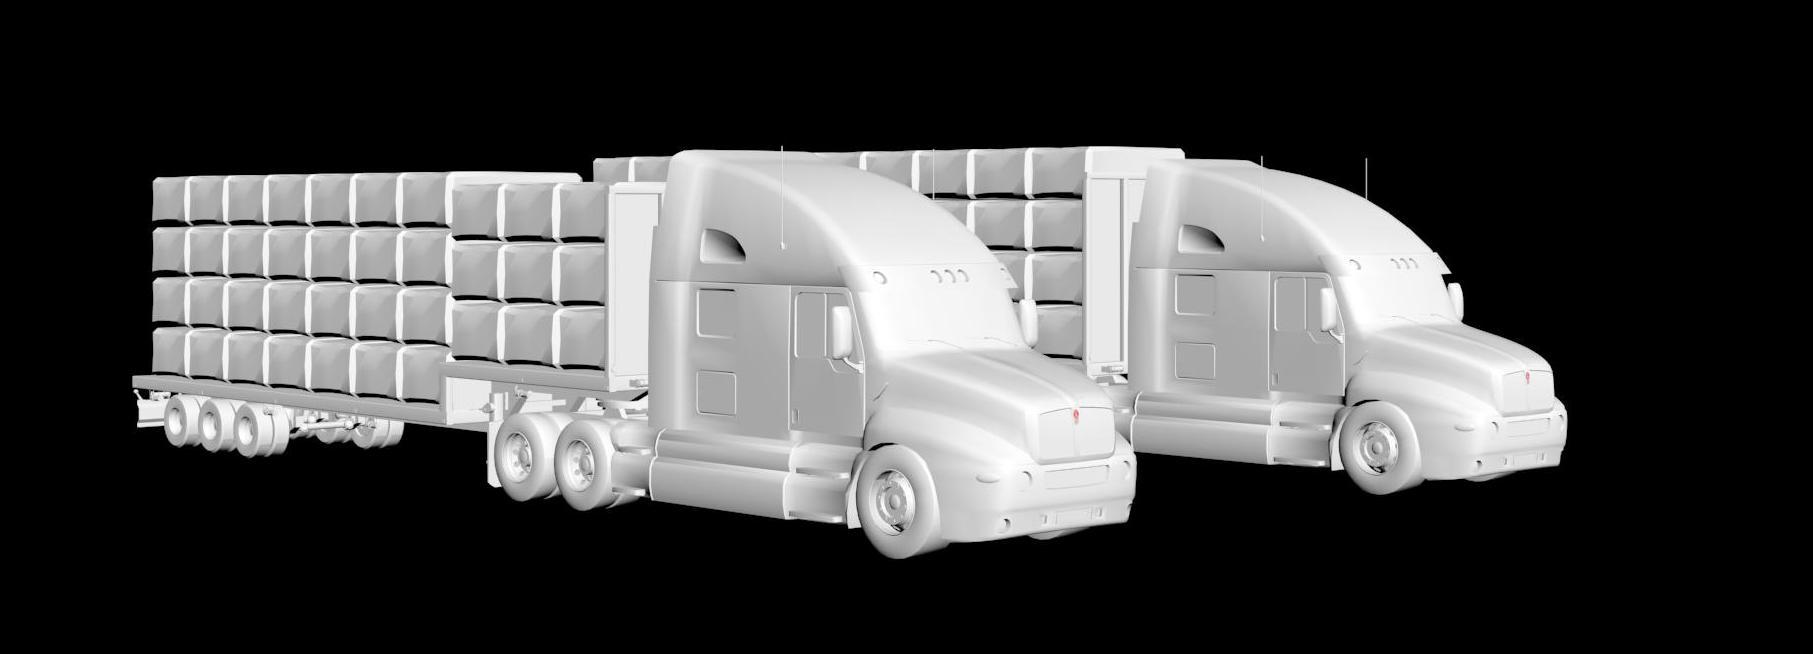 [Encuesta][T.E.P.] Proyecto Aguas Tenias (22 modelos + 1 Camión) [Terminado 21-4-2014]. - Página 4 46ahj2w